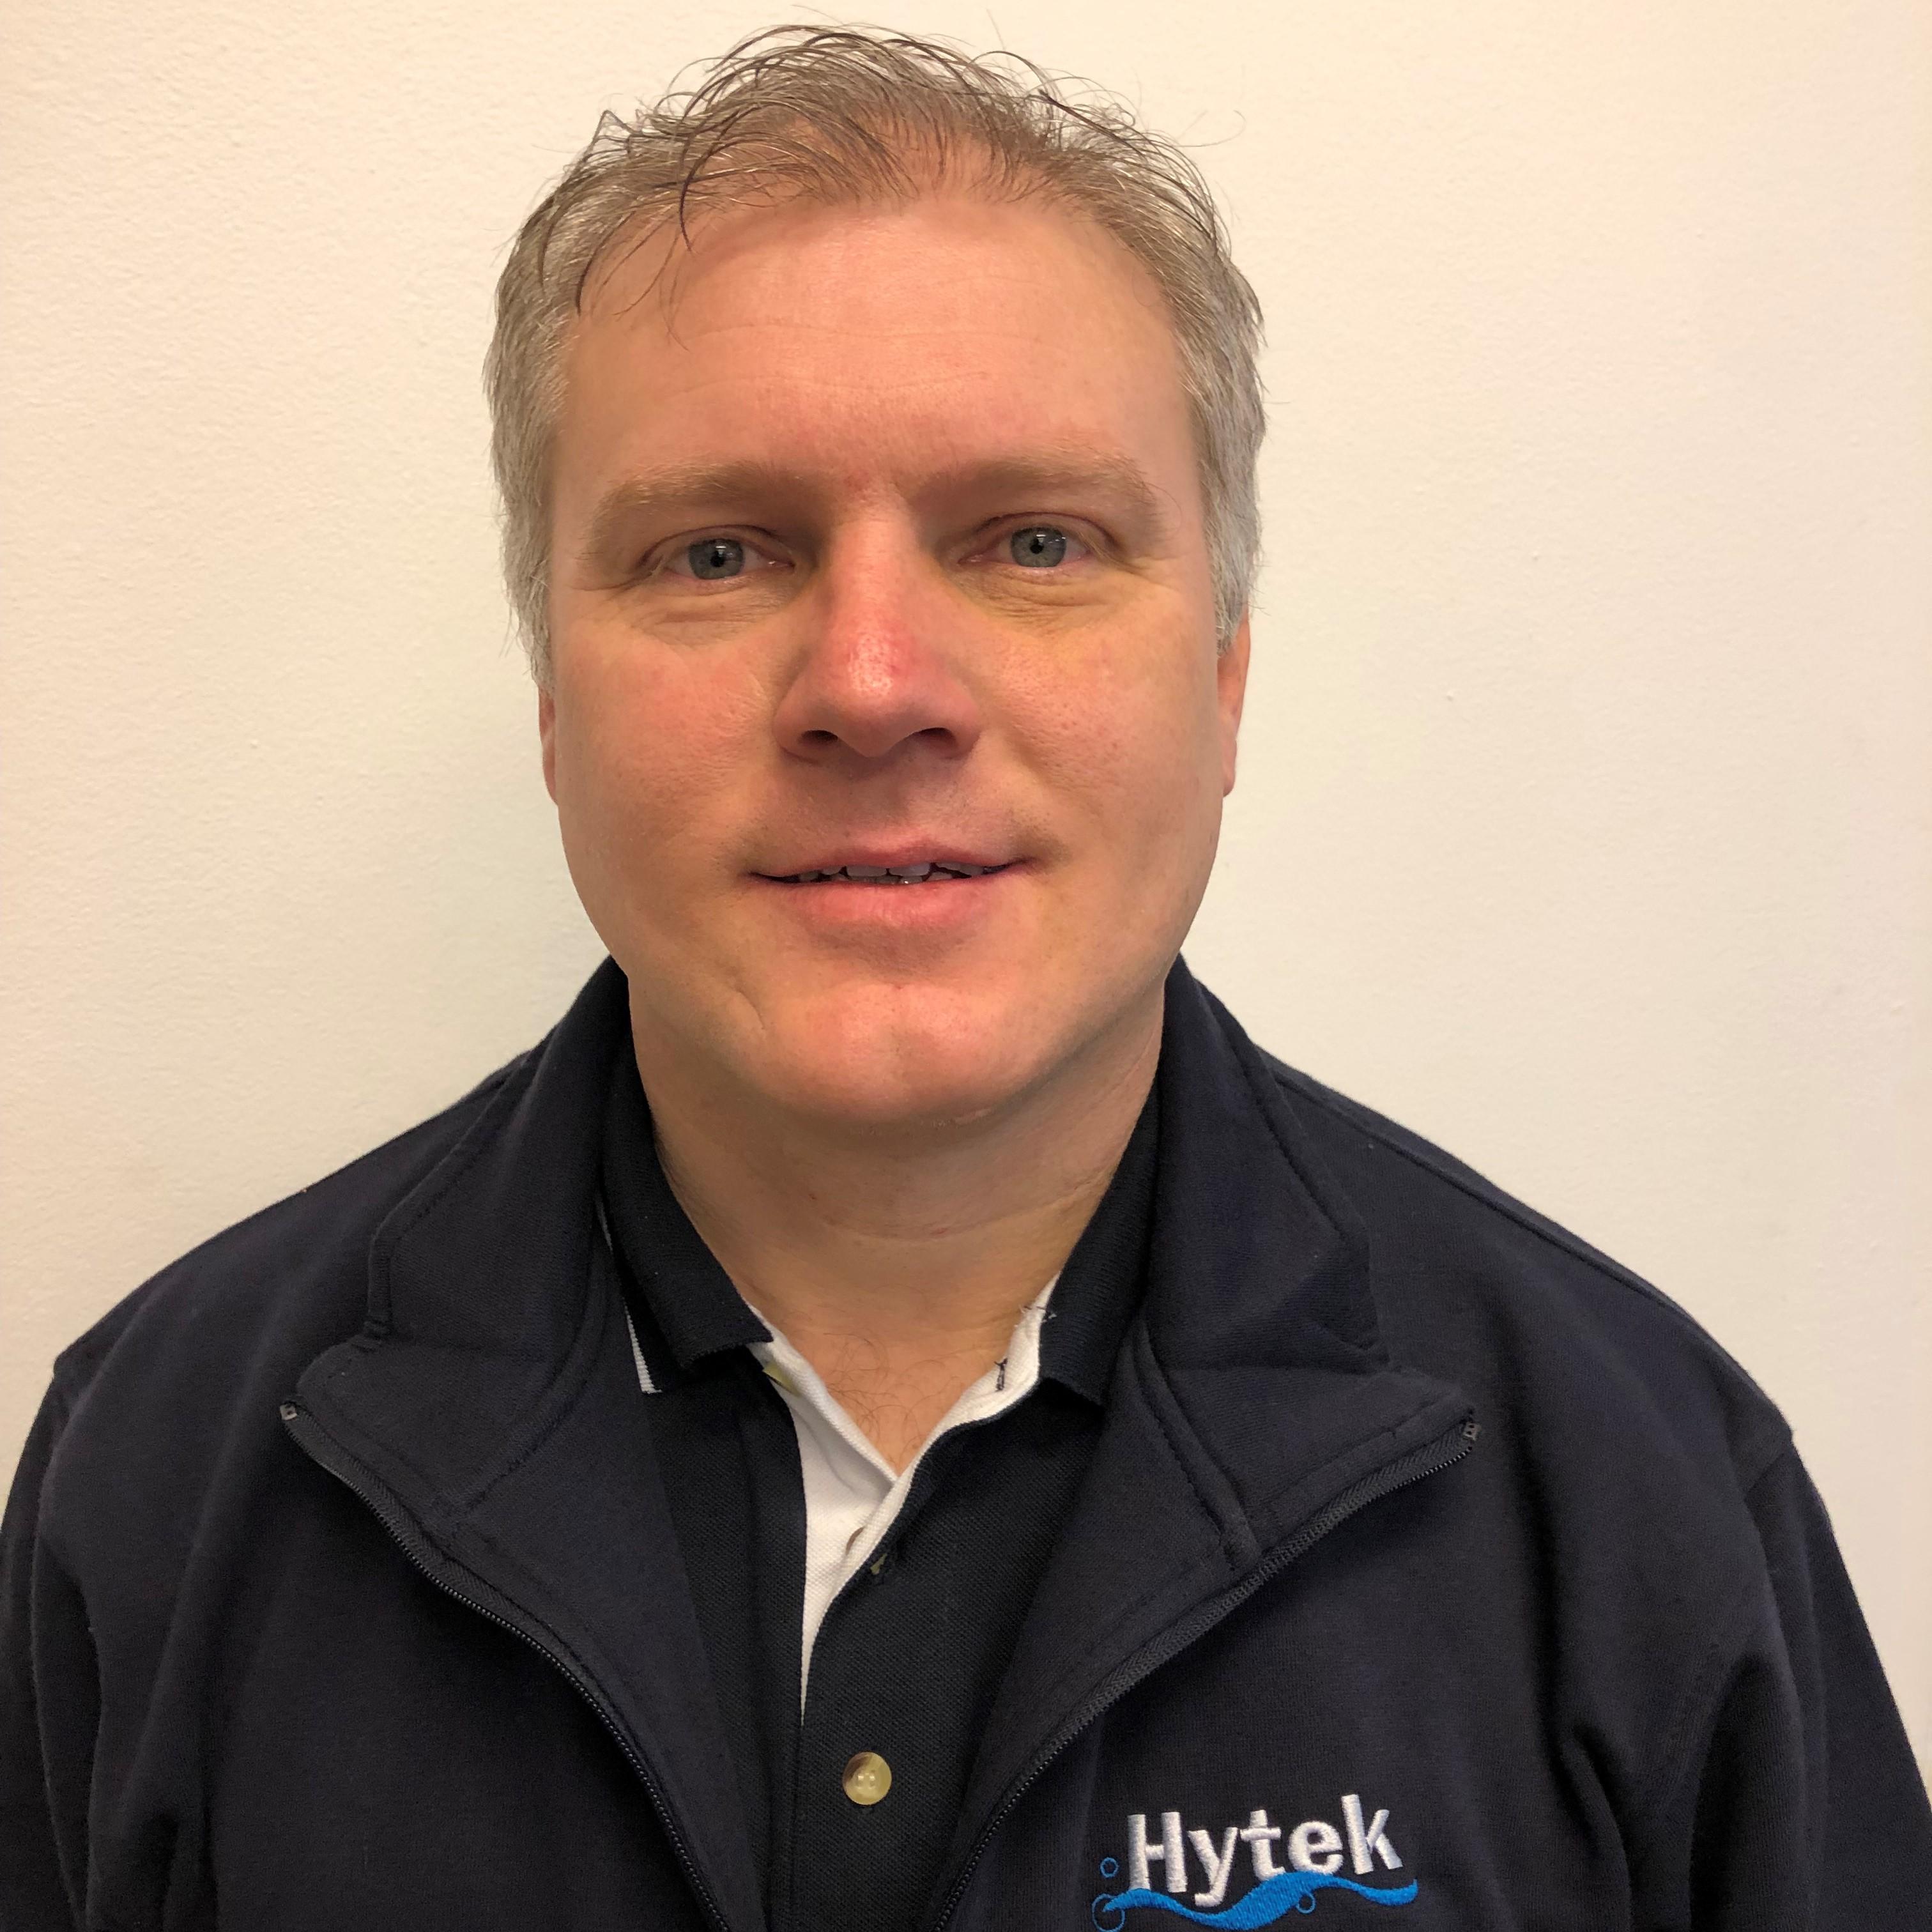 Hytek - Unternehmen - Andreas Mitterlehner